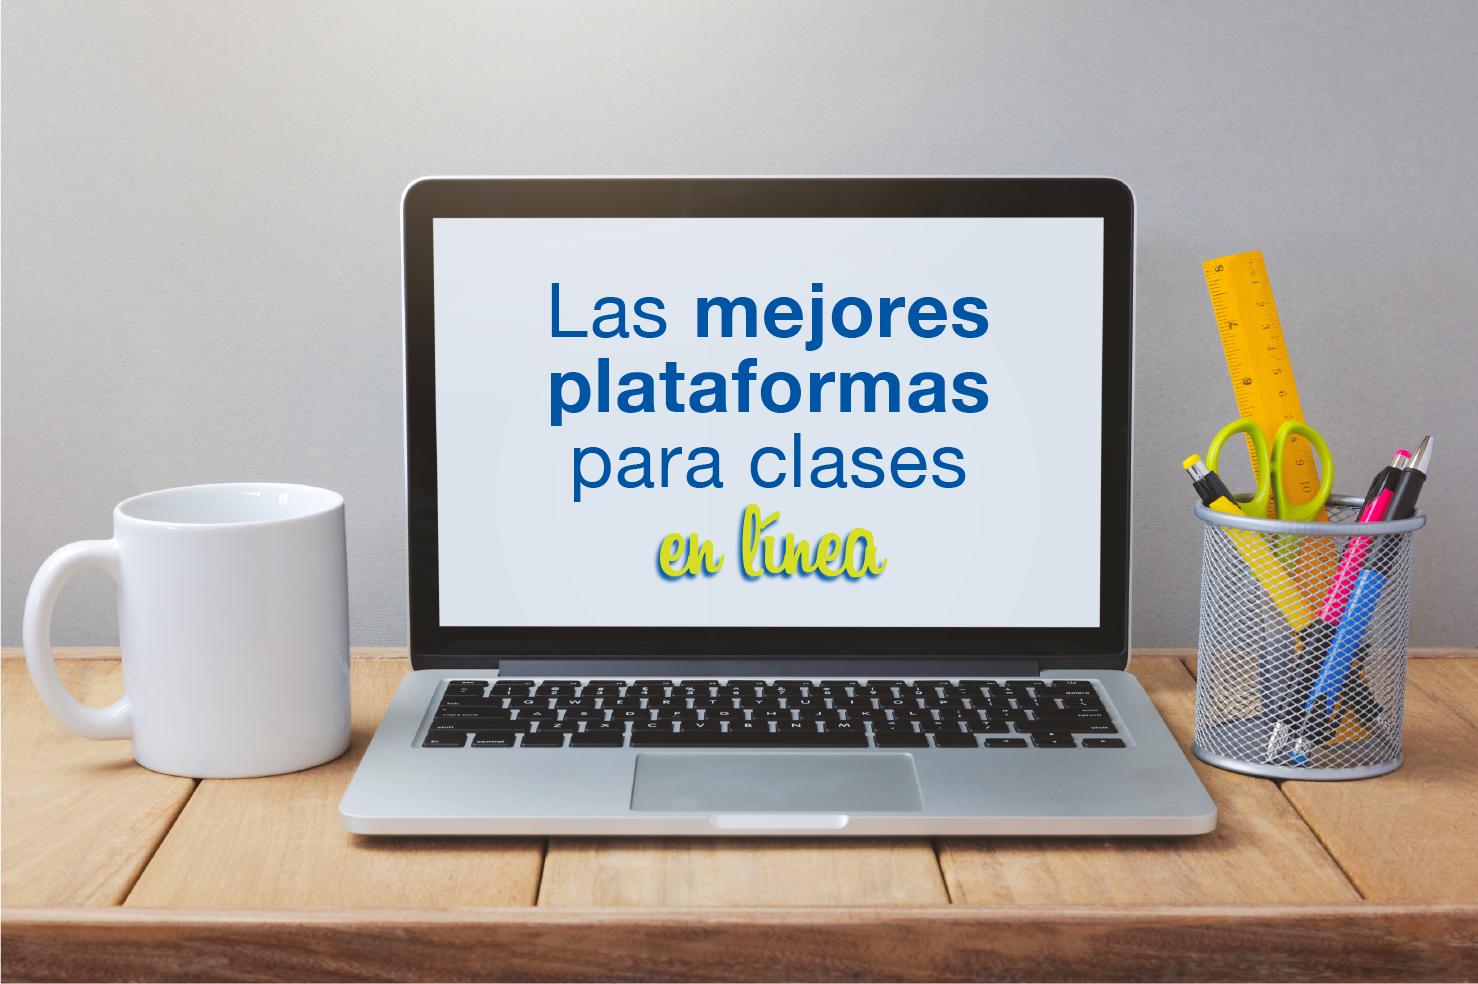 ¿Conoces las mejores plataformas para las clases en línea?